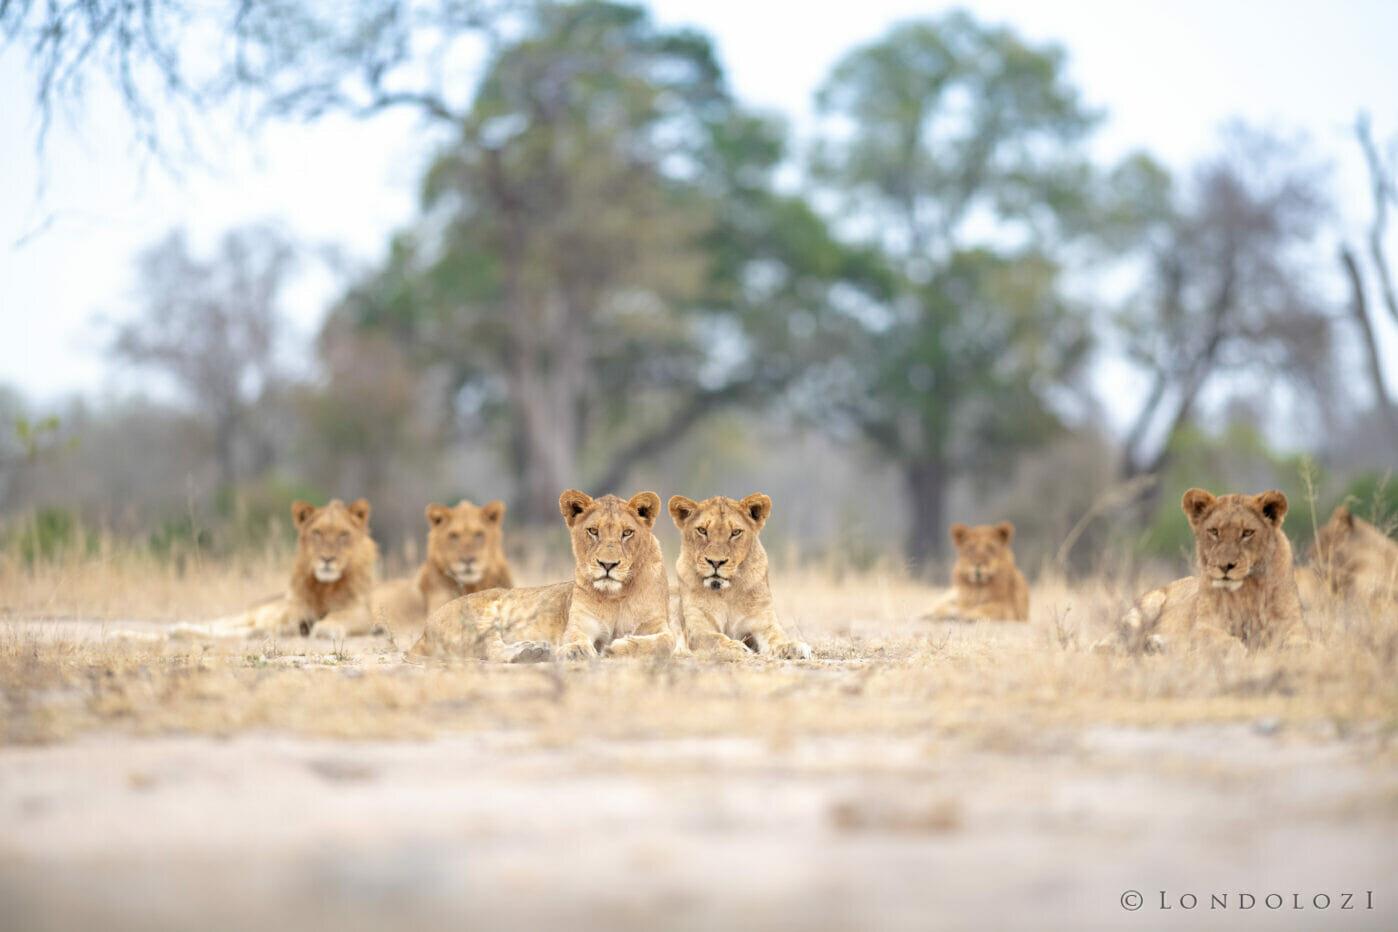 Ntsevu Lions Drinking Sean Zeederberg Dsc 0794 Lfa288532